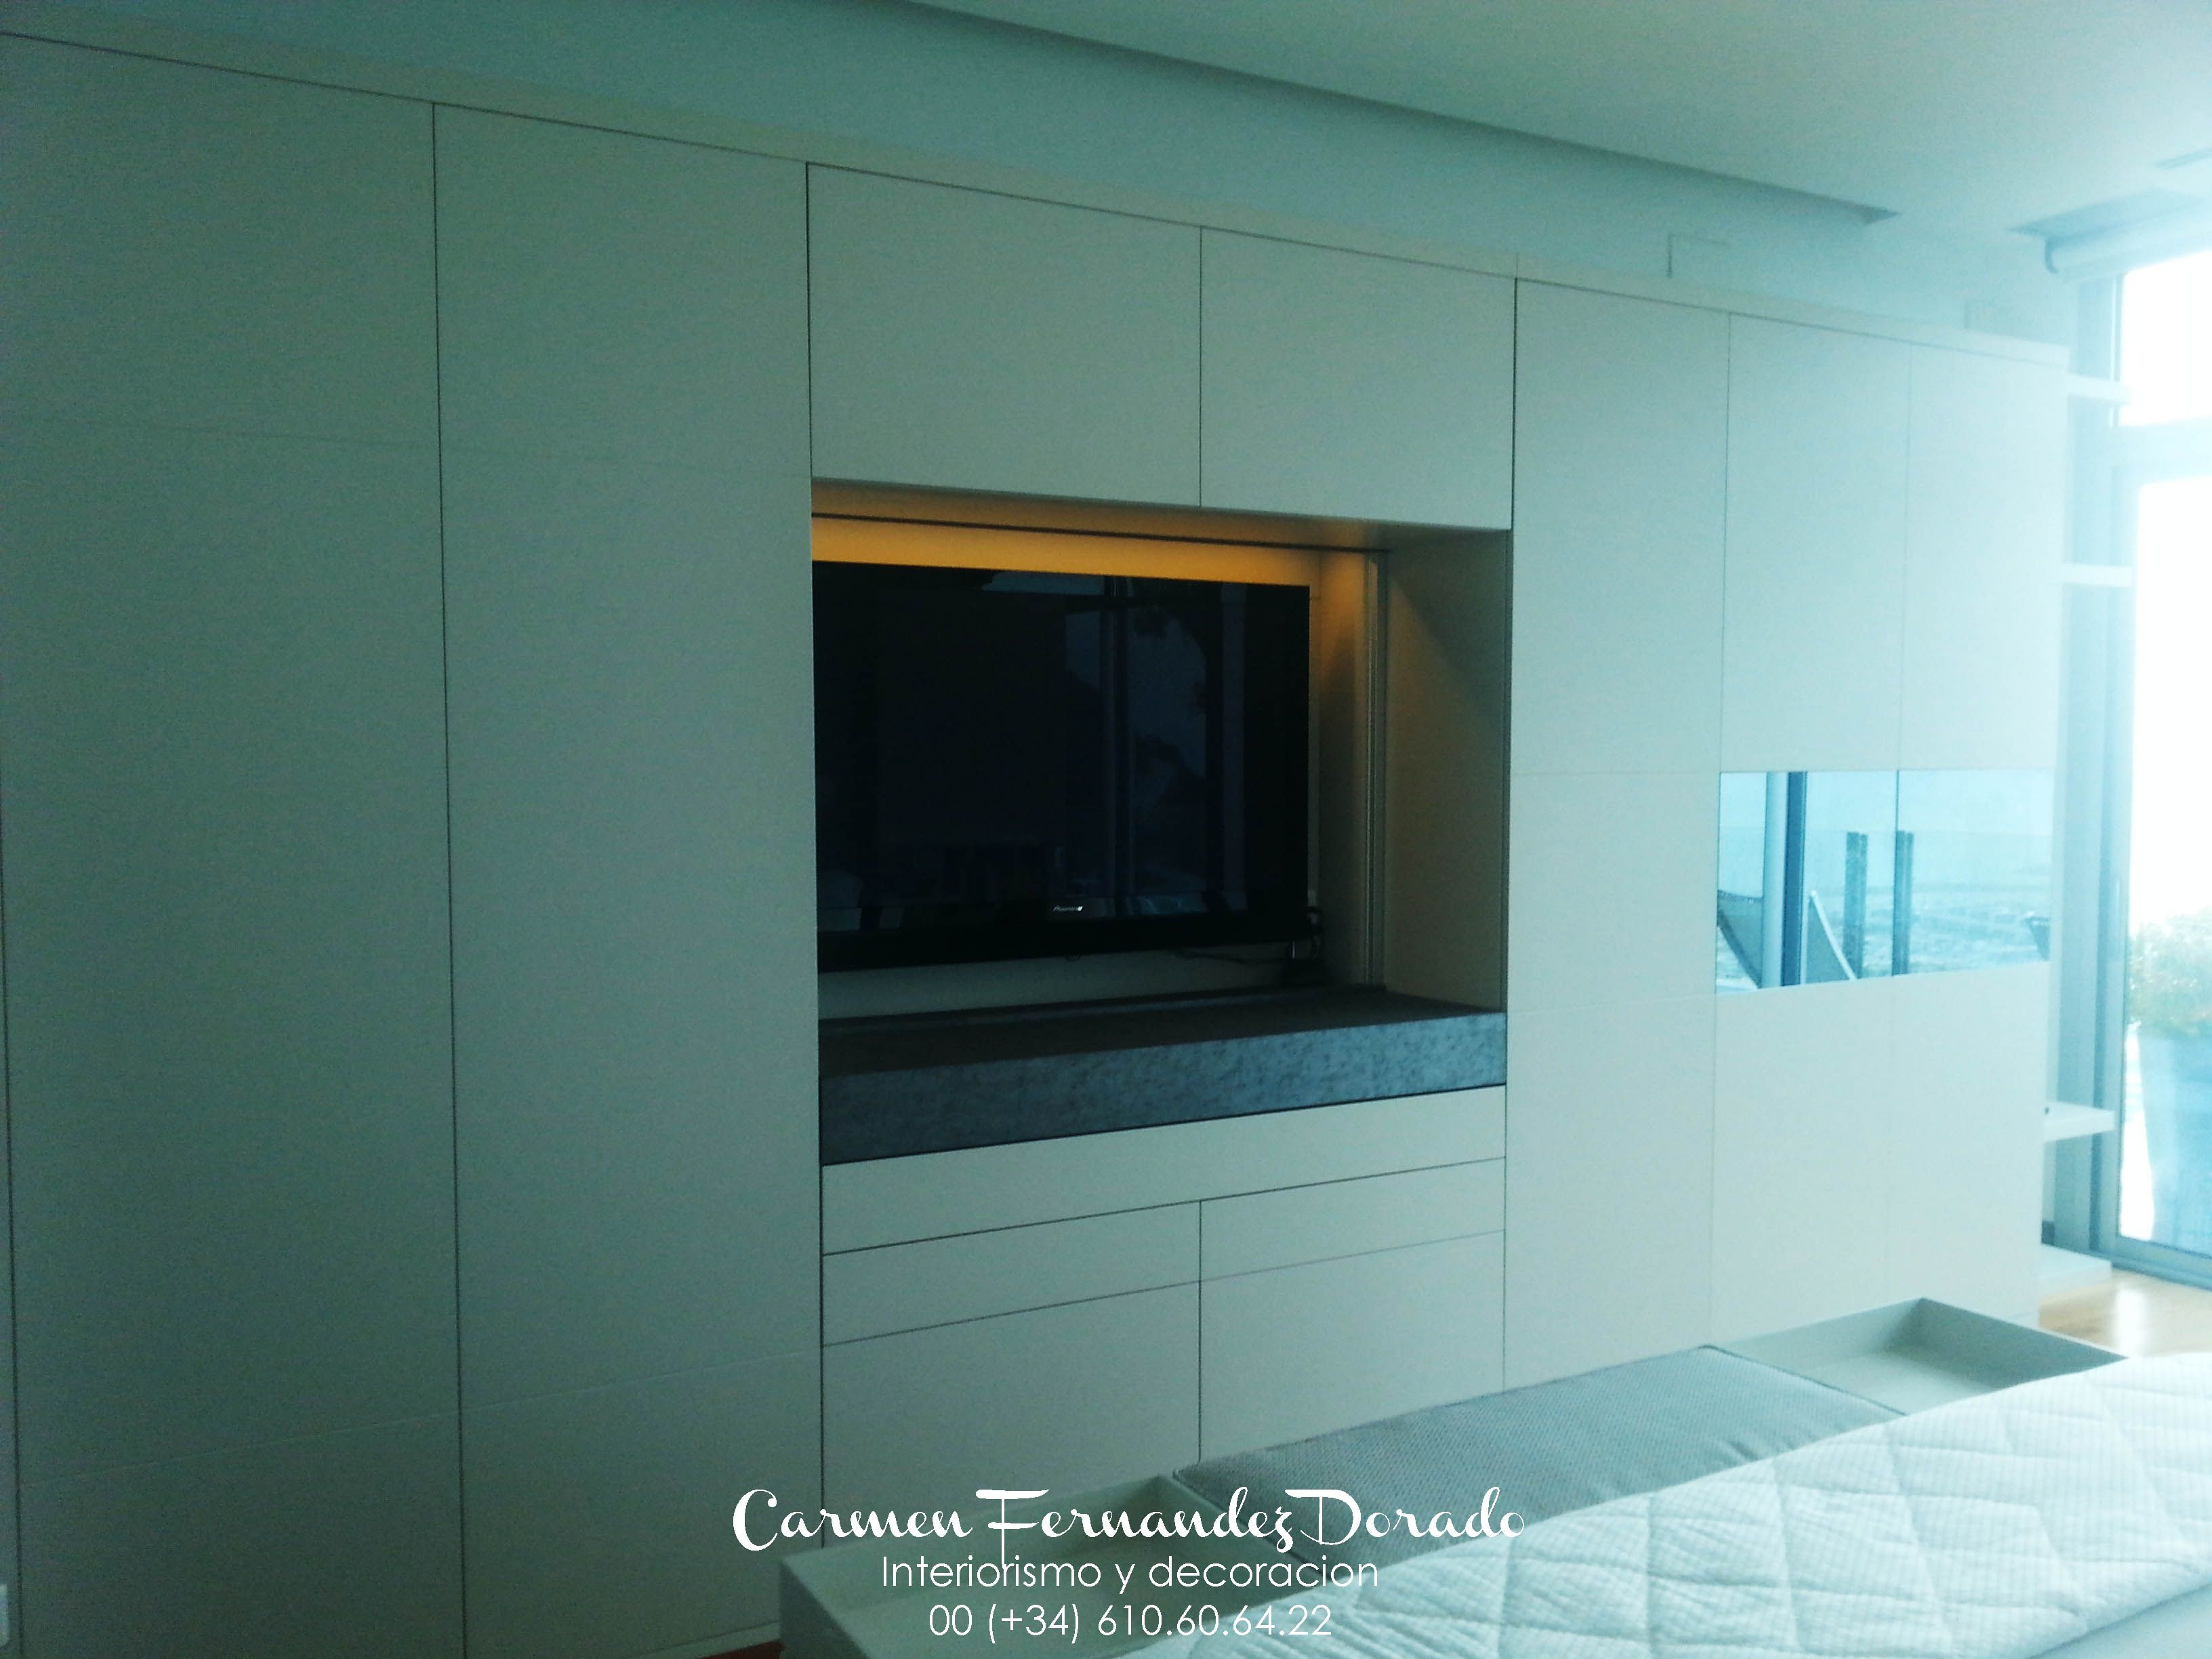 Dise o de armario personalizado tv integrada con puertas - Diseno de armarios online ...